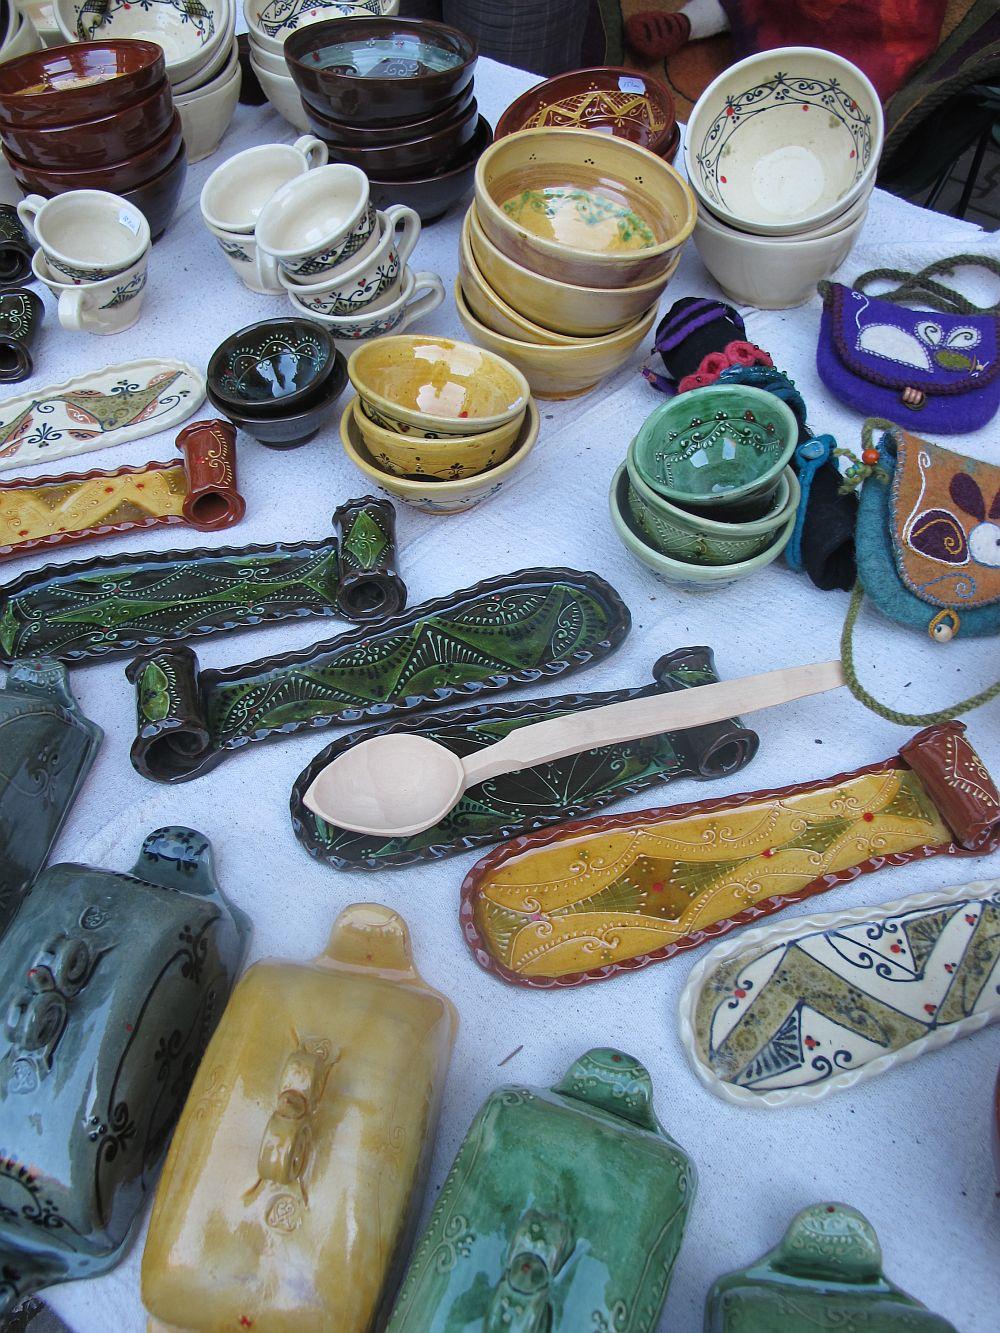 adelaparvu.com despre lampi ceramica si obiecte fetru Kolozsi Ildi (14)